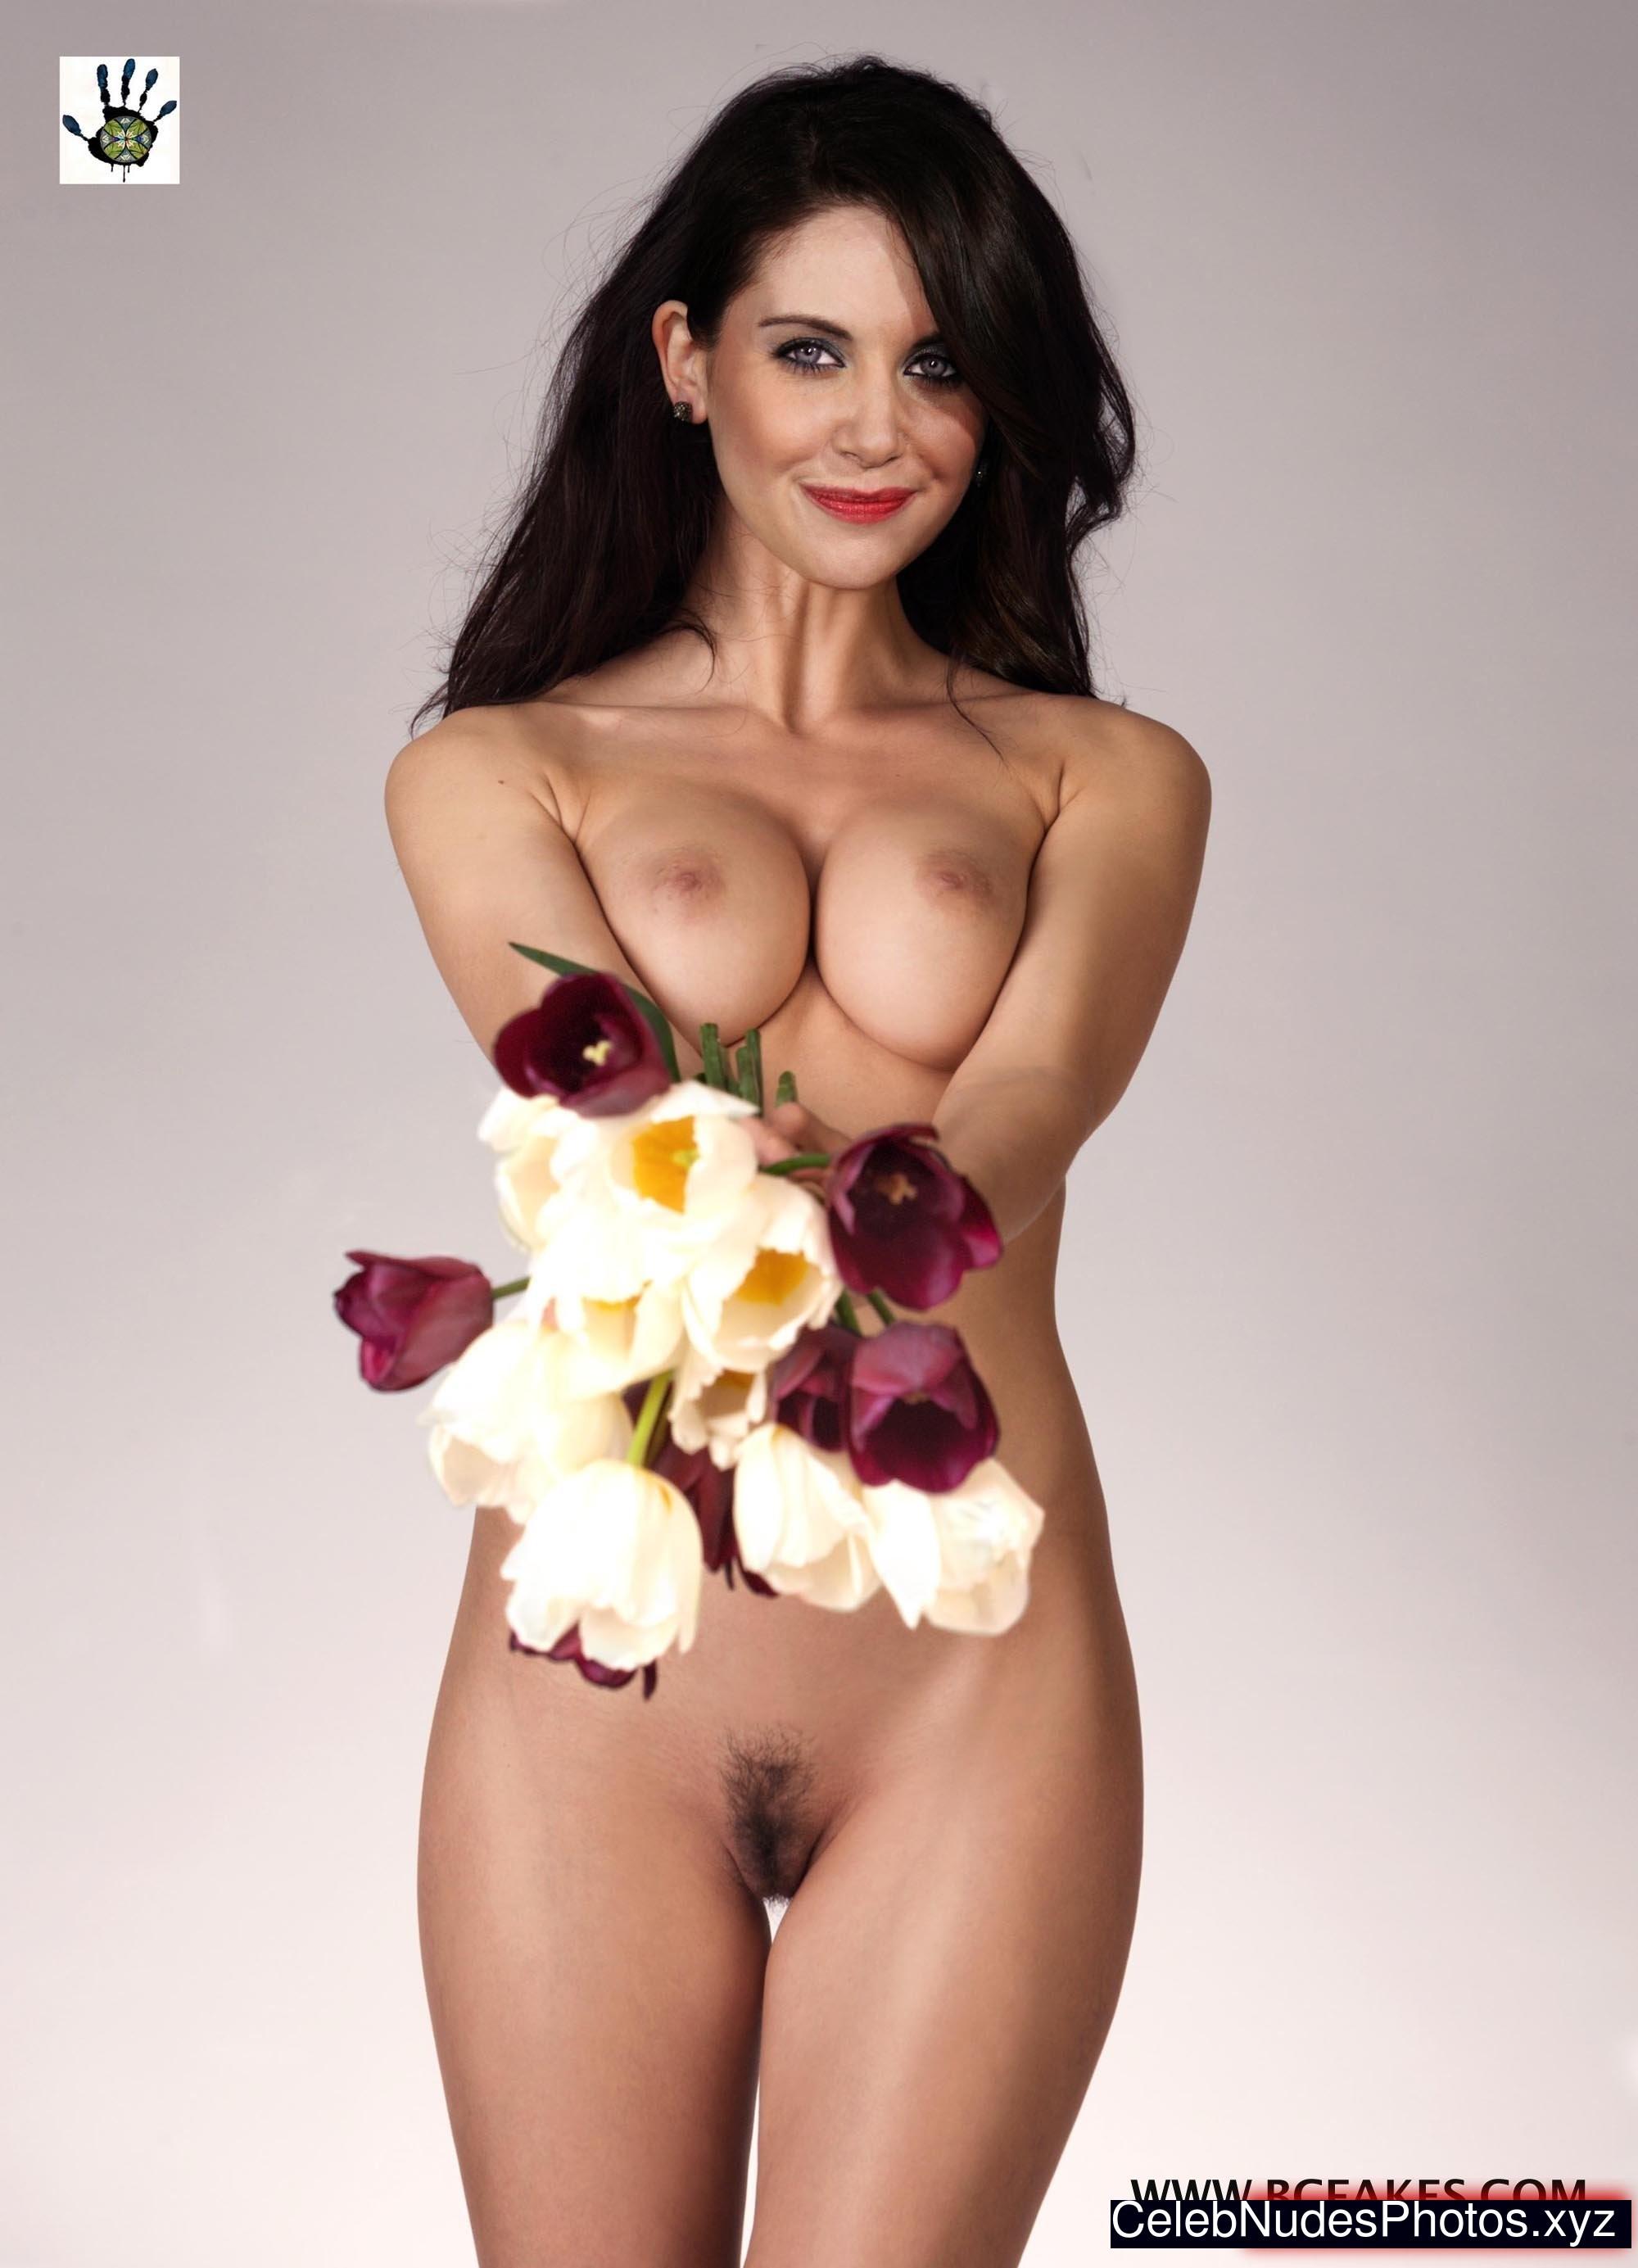 Alison Brie nude celebrities